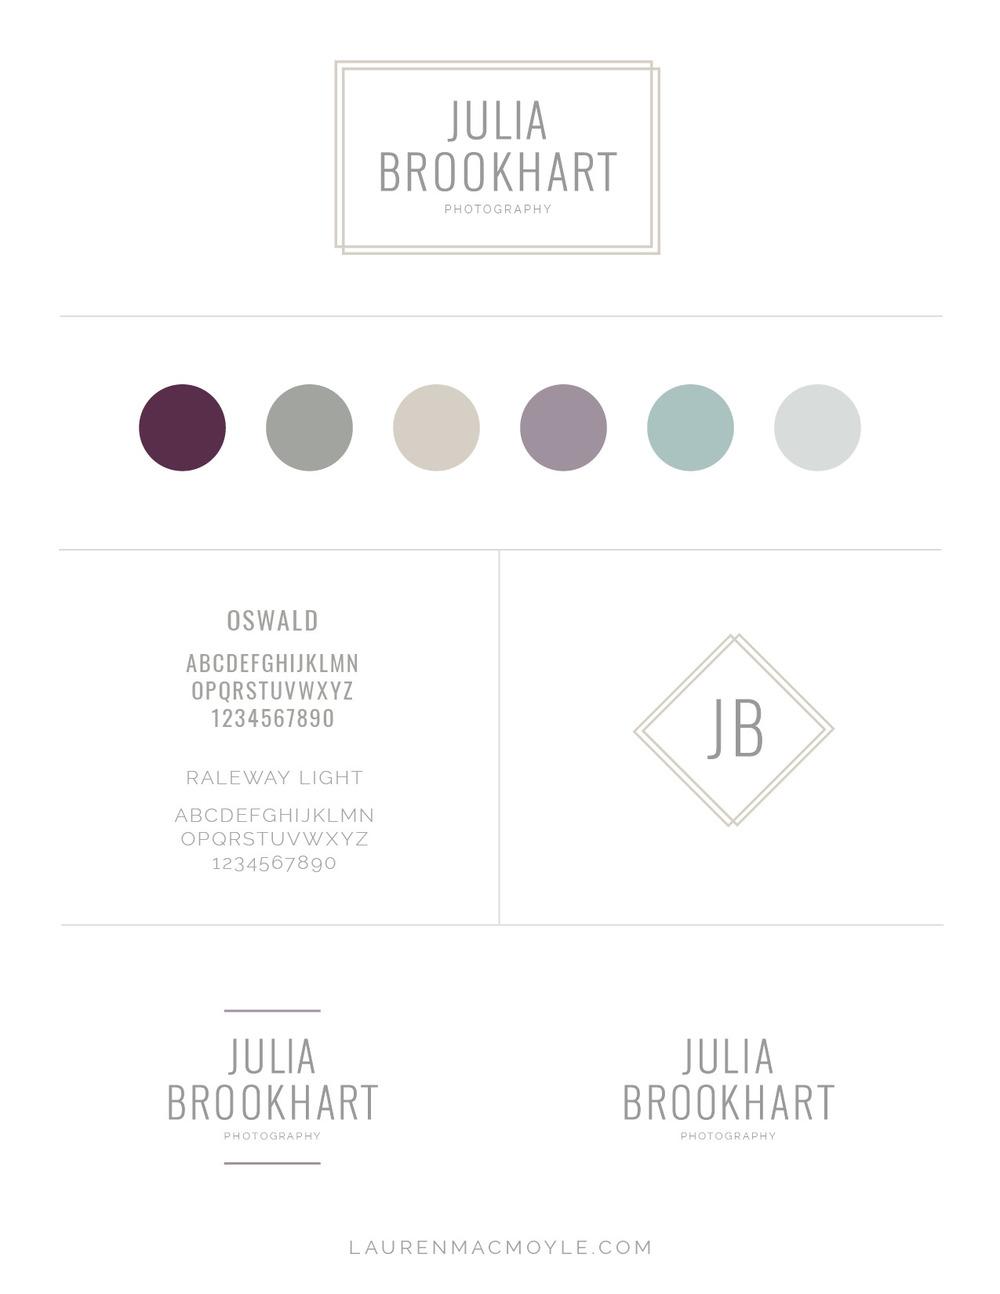 Studio Photography Branding Design | Lauren MacMoyle | Graphic Design